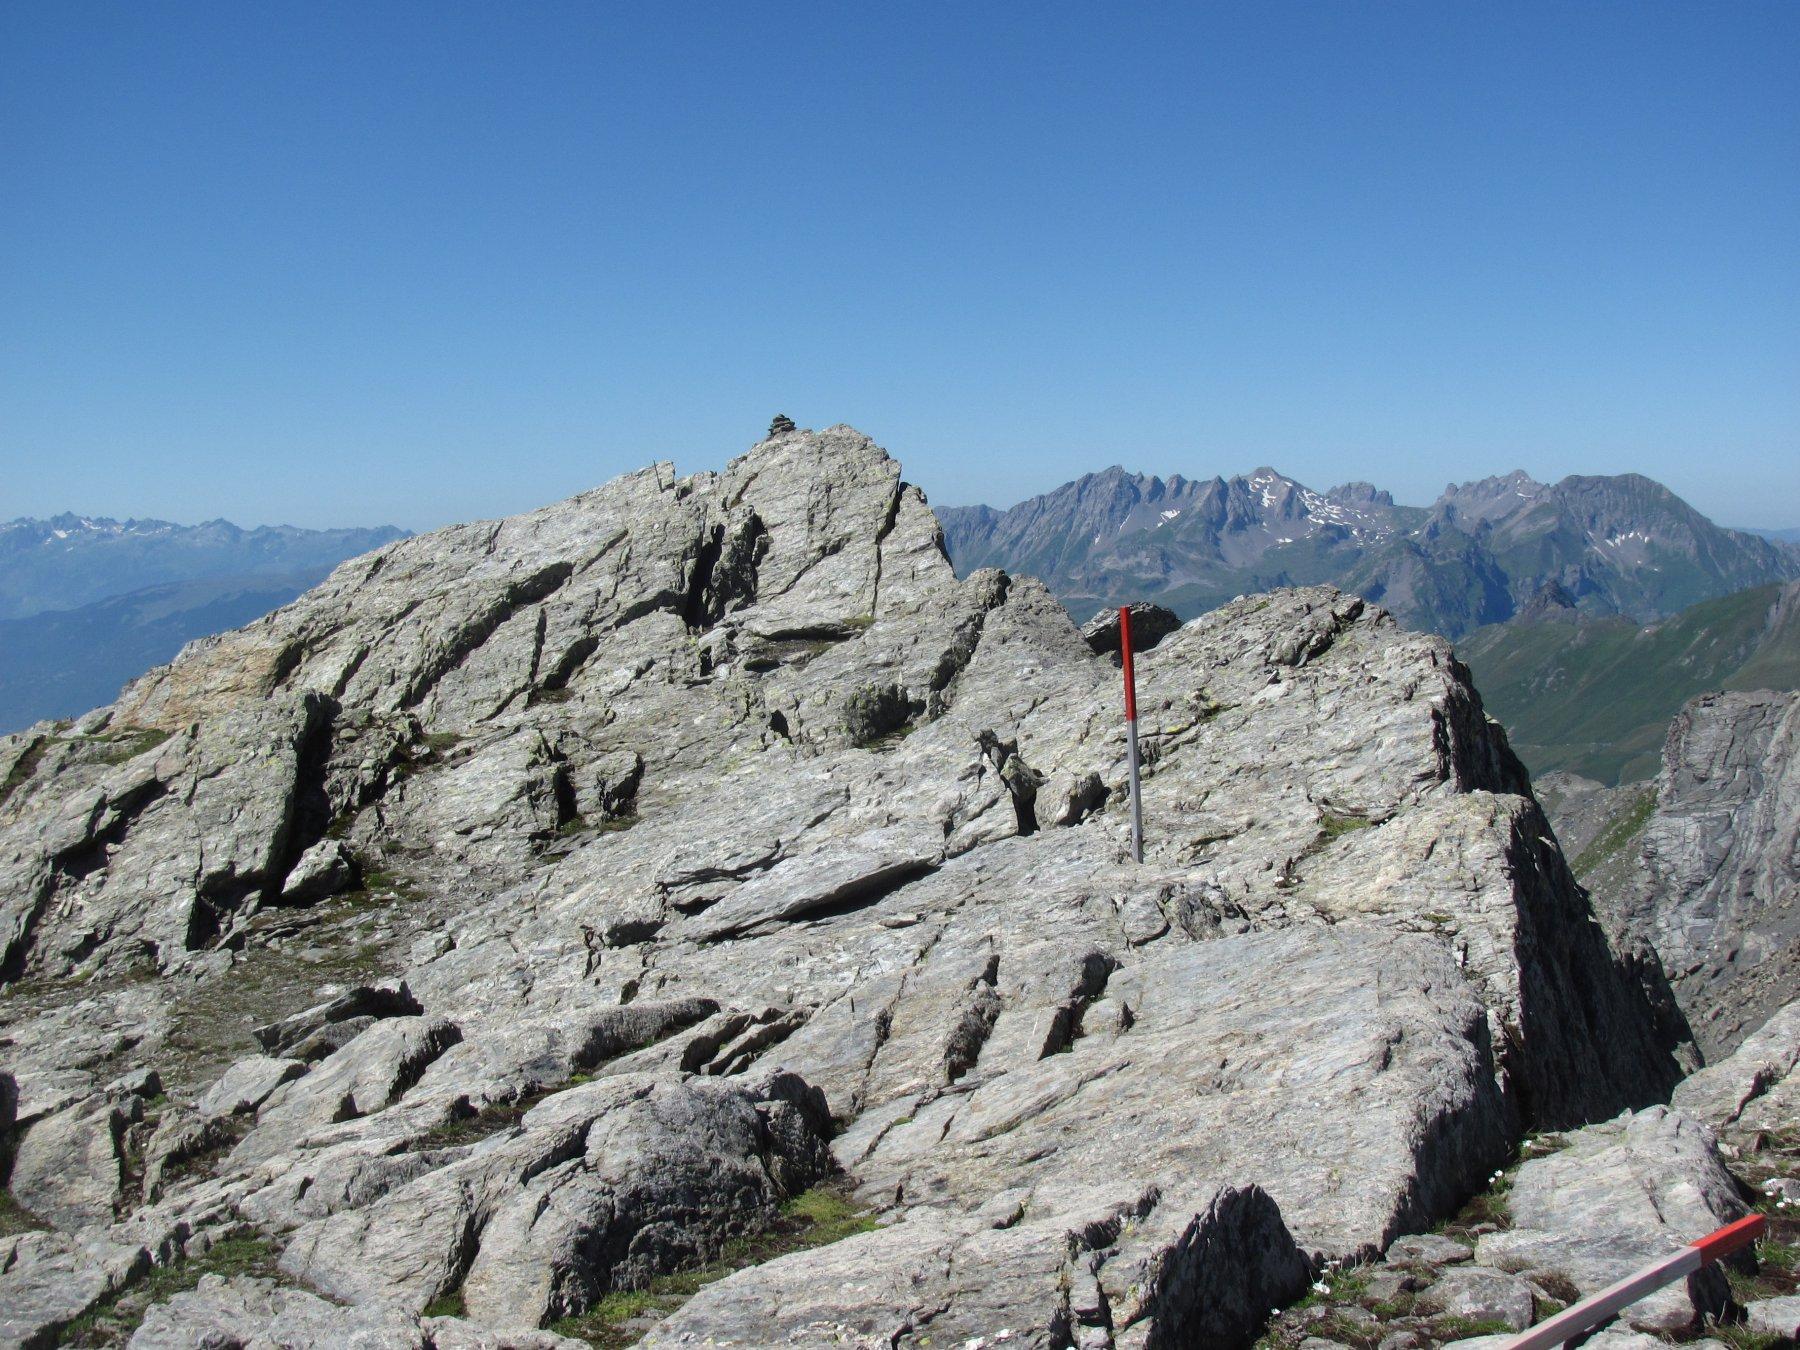 La piccola cima del M. Freduaz meridionale